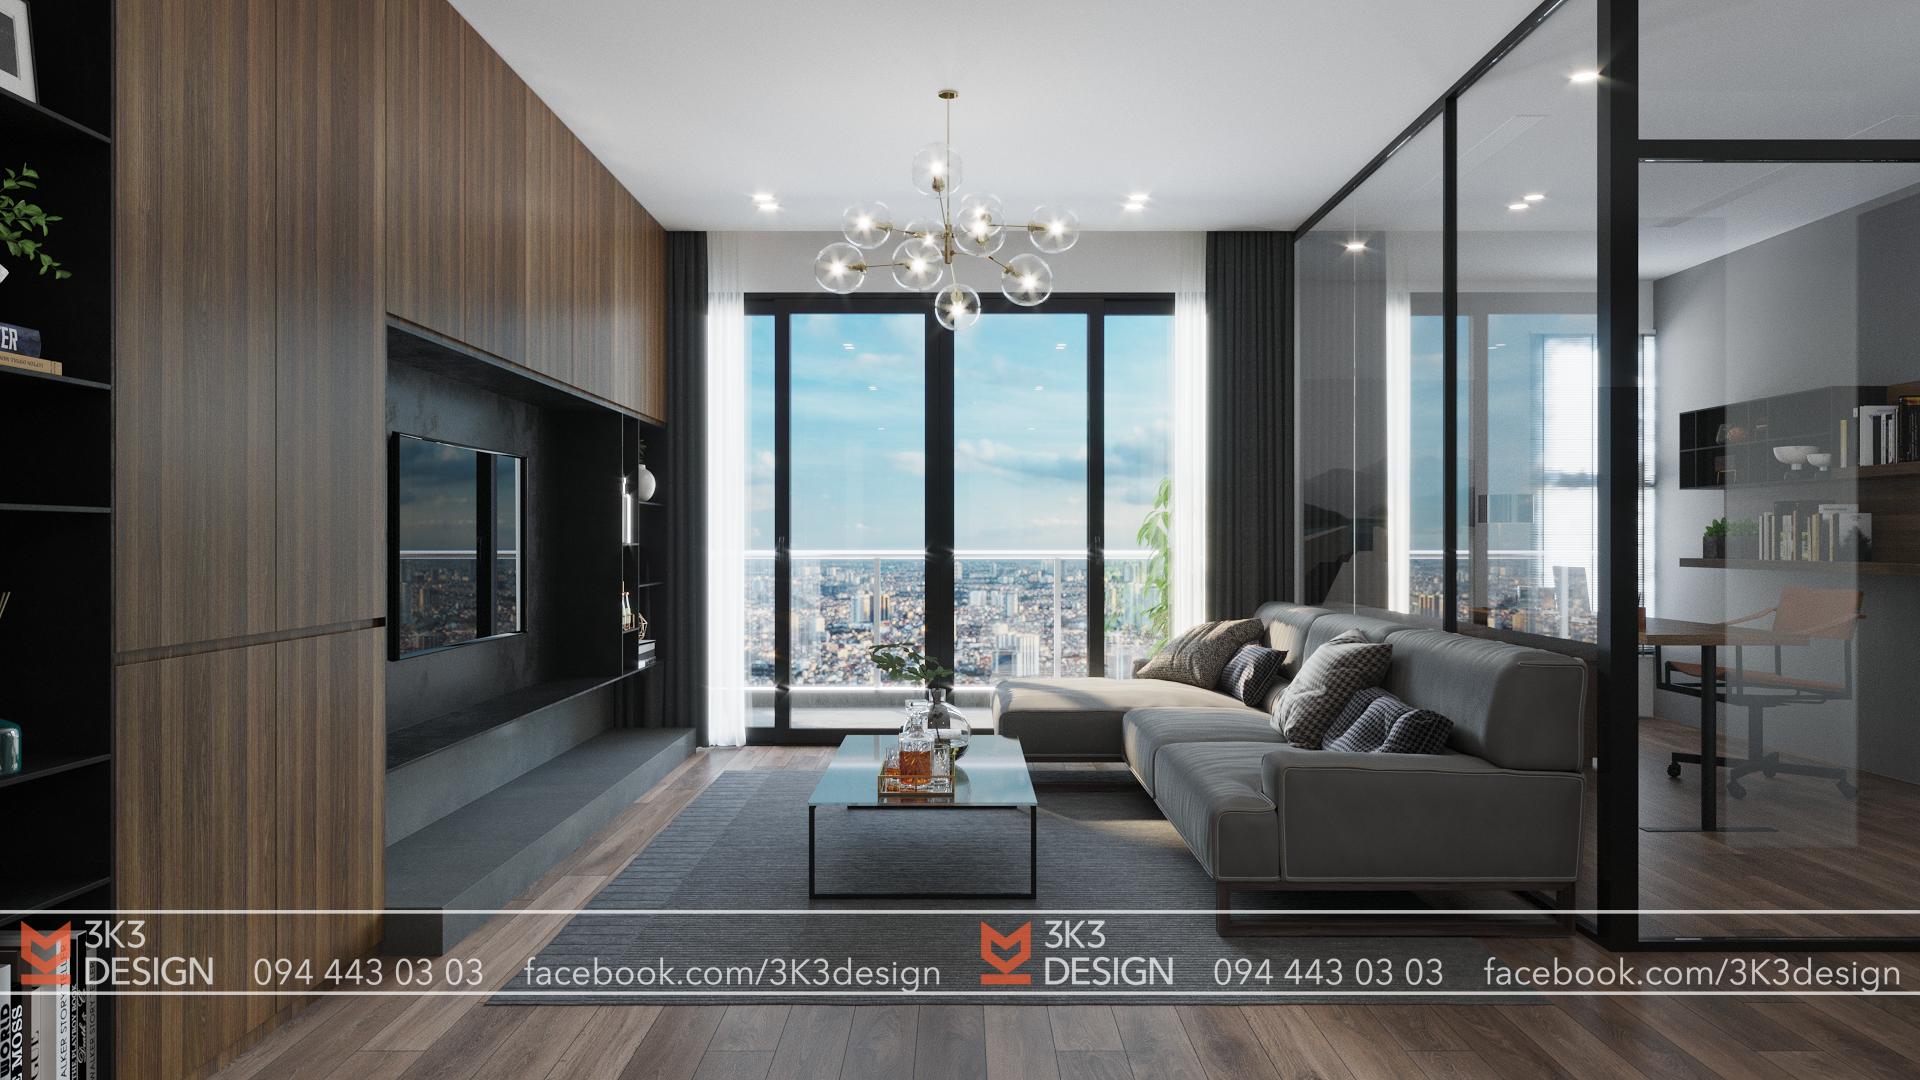 thiết kế nội thất chung cư tại Hà Nội VIMECO APARTMENT 2 1565080499